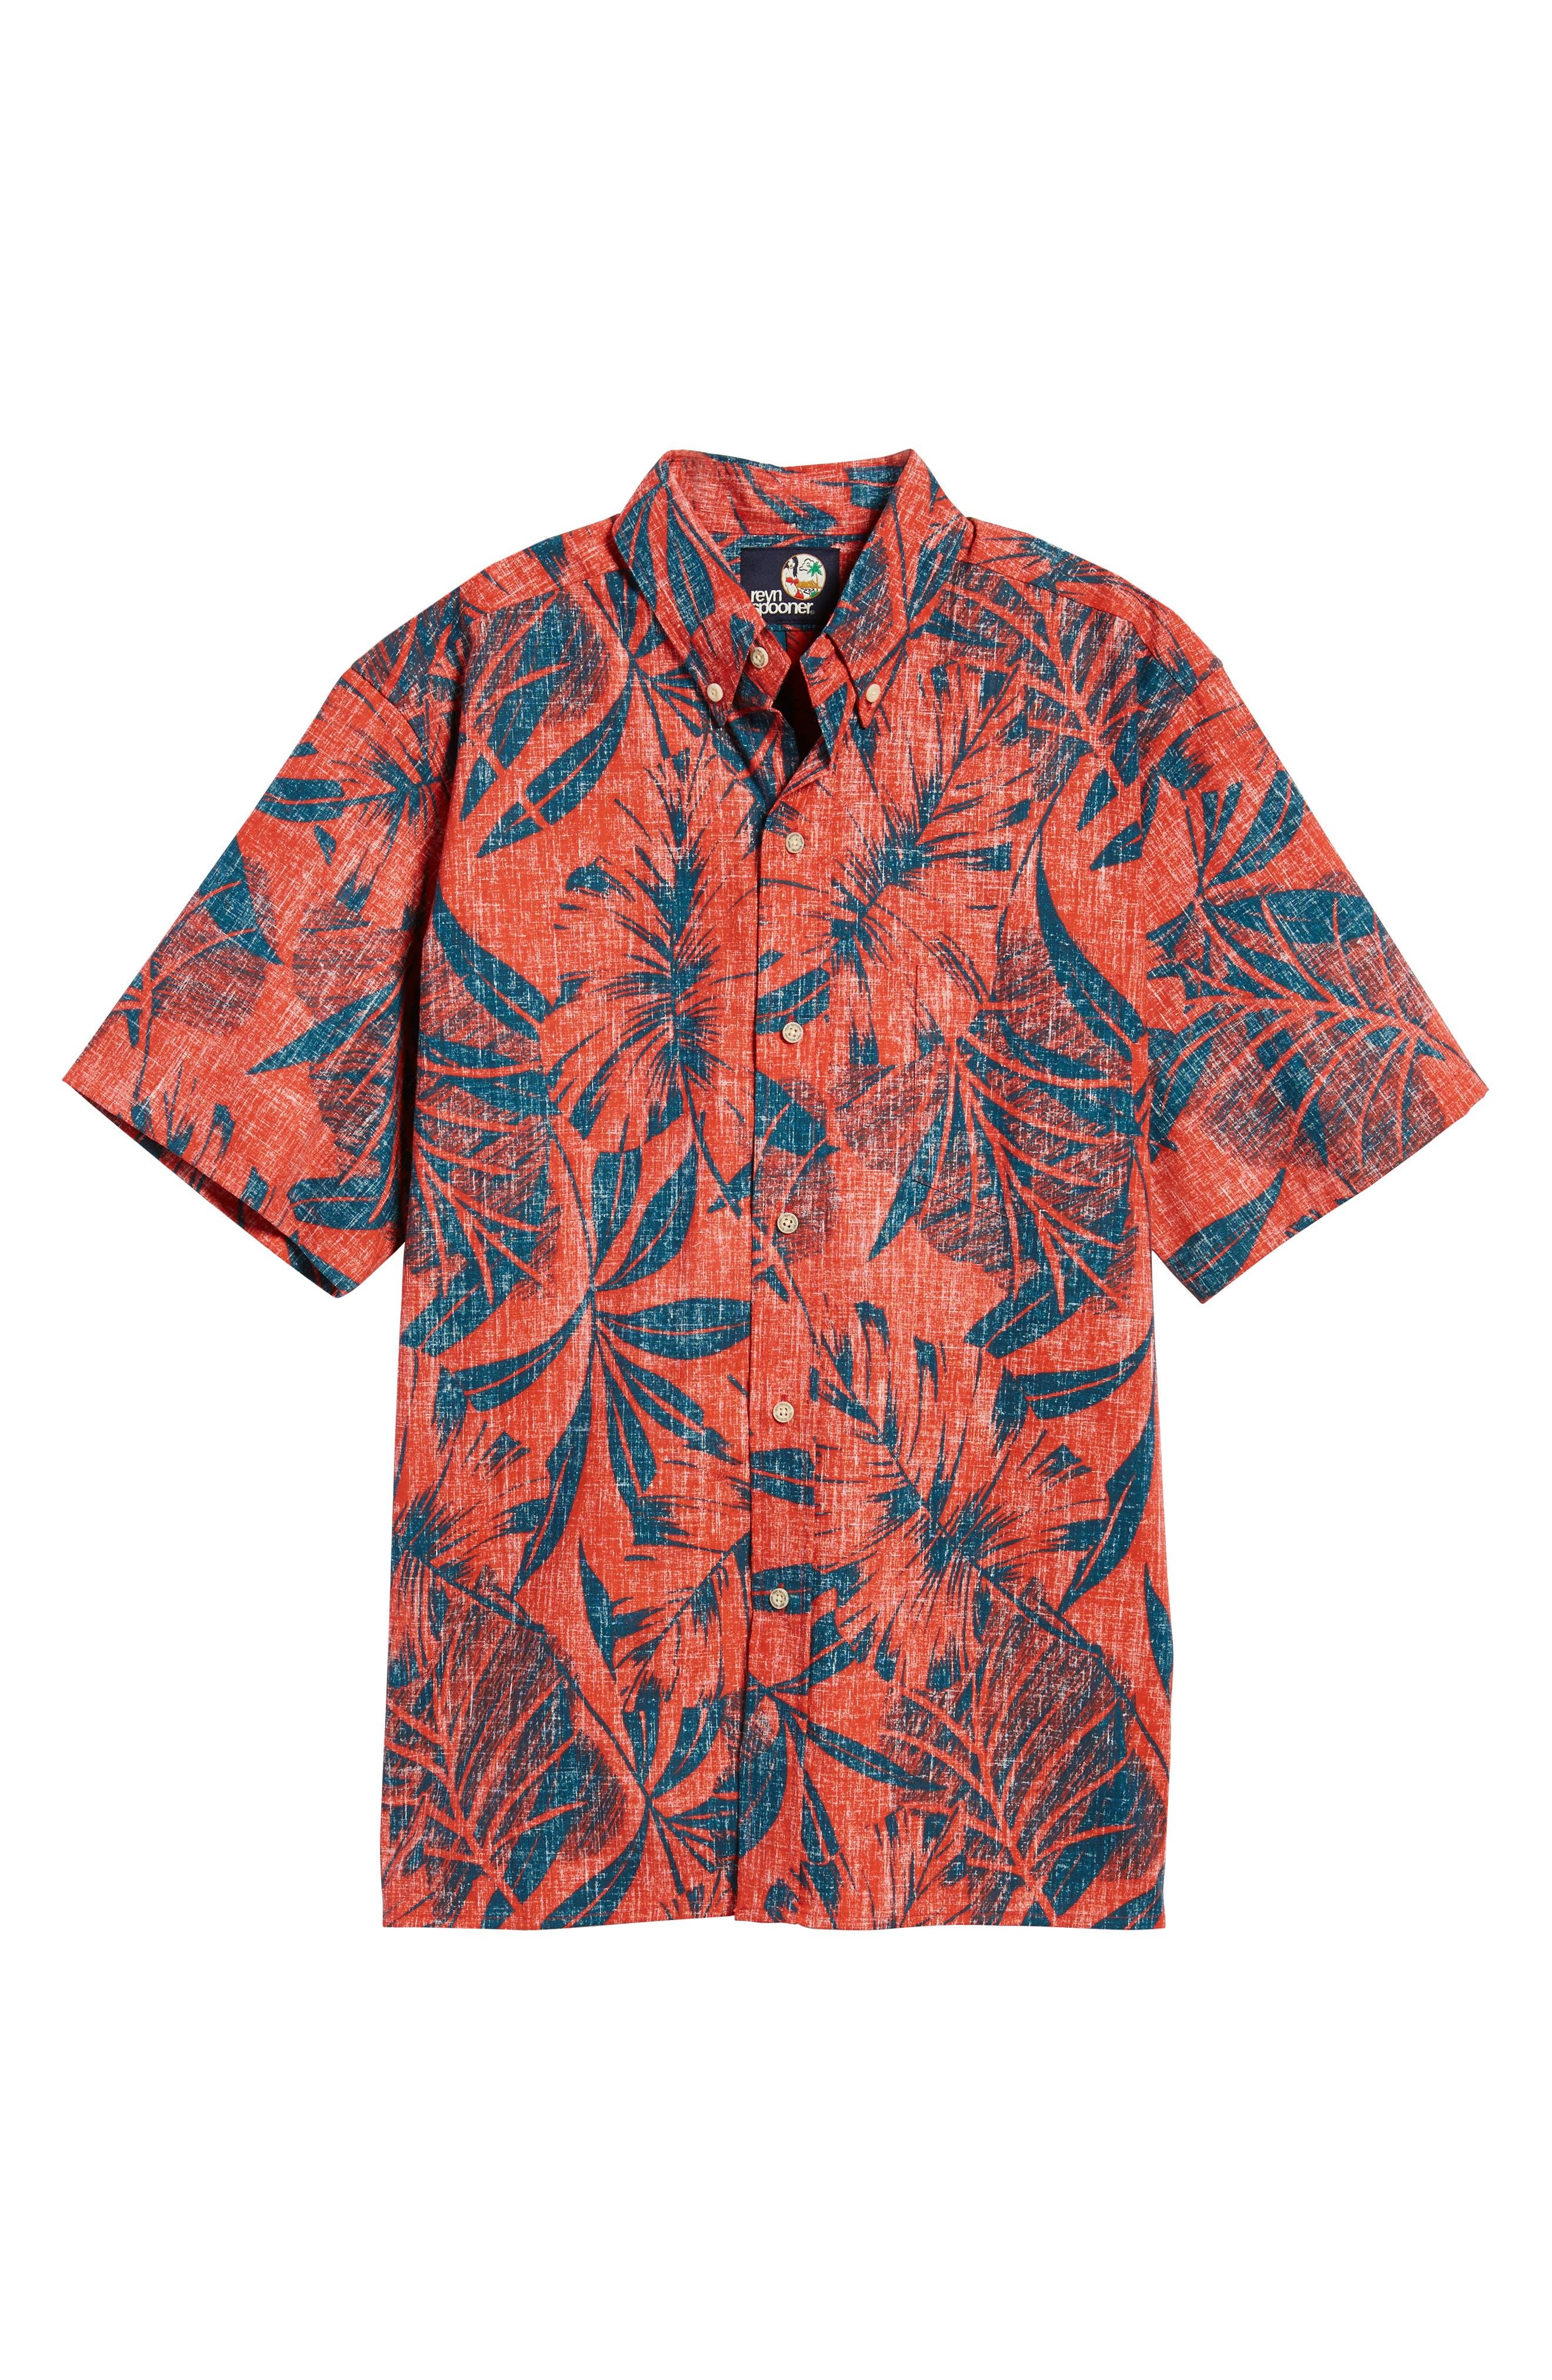 Kaha Lau Classic Fit Sport Shirt,                             Alternate thumbnail 6, color,                             Coral